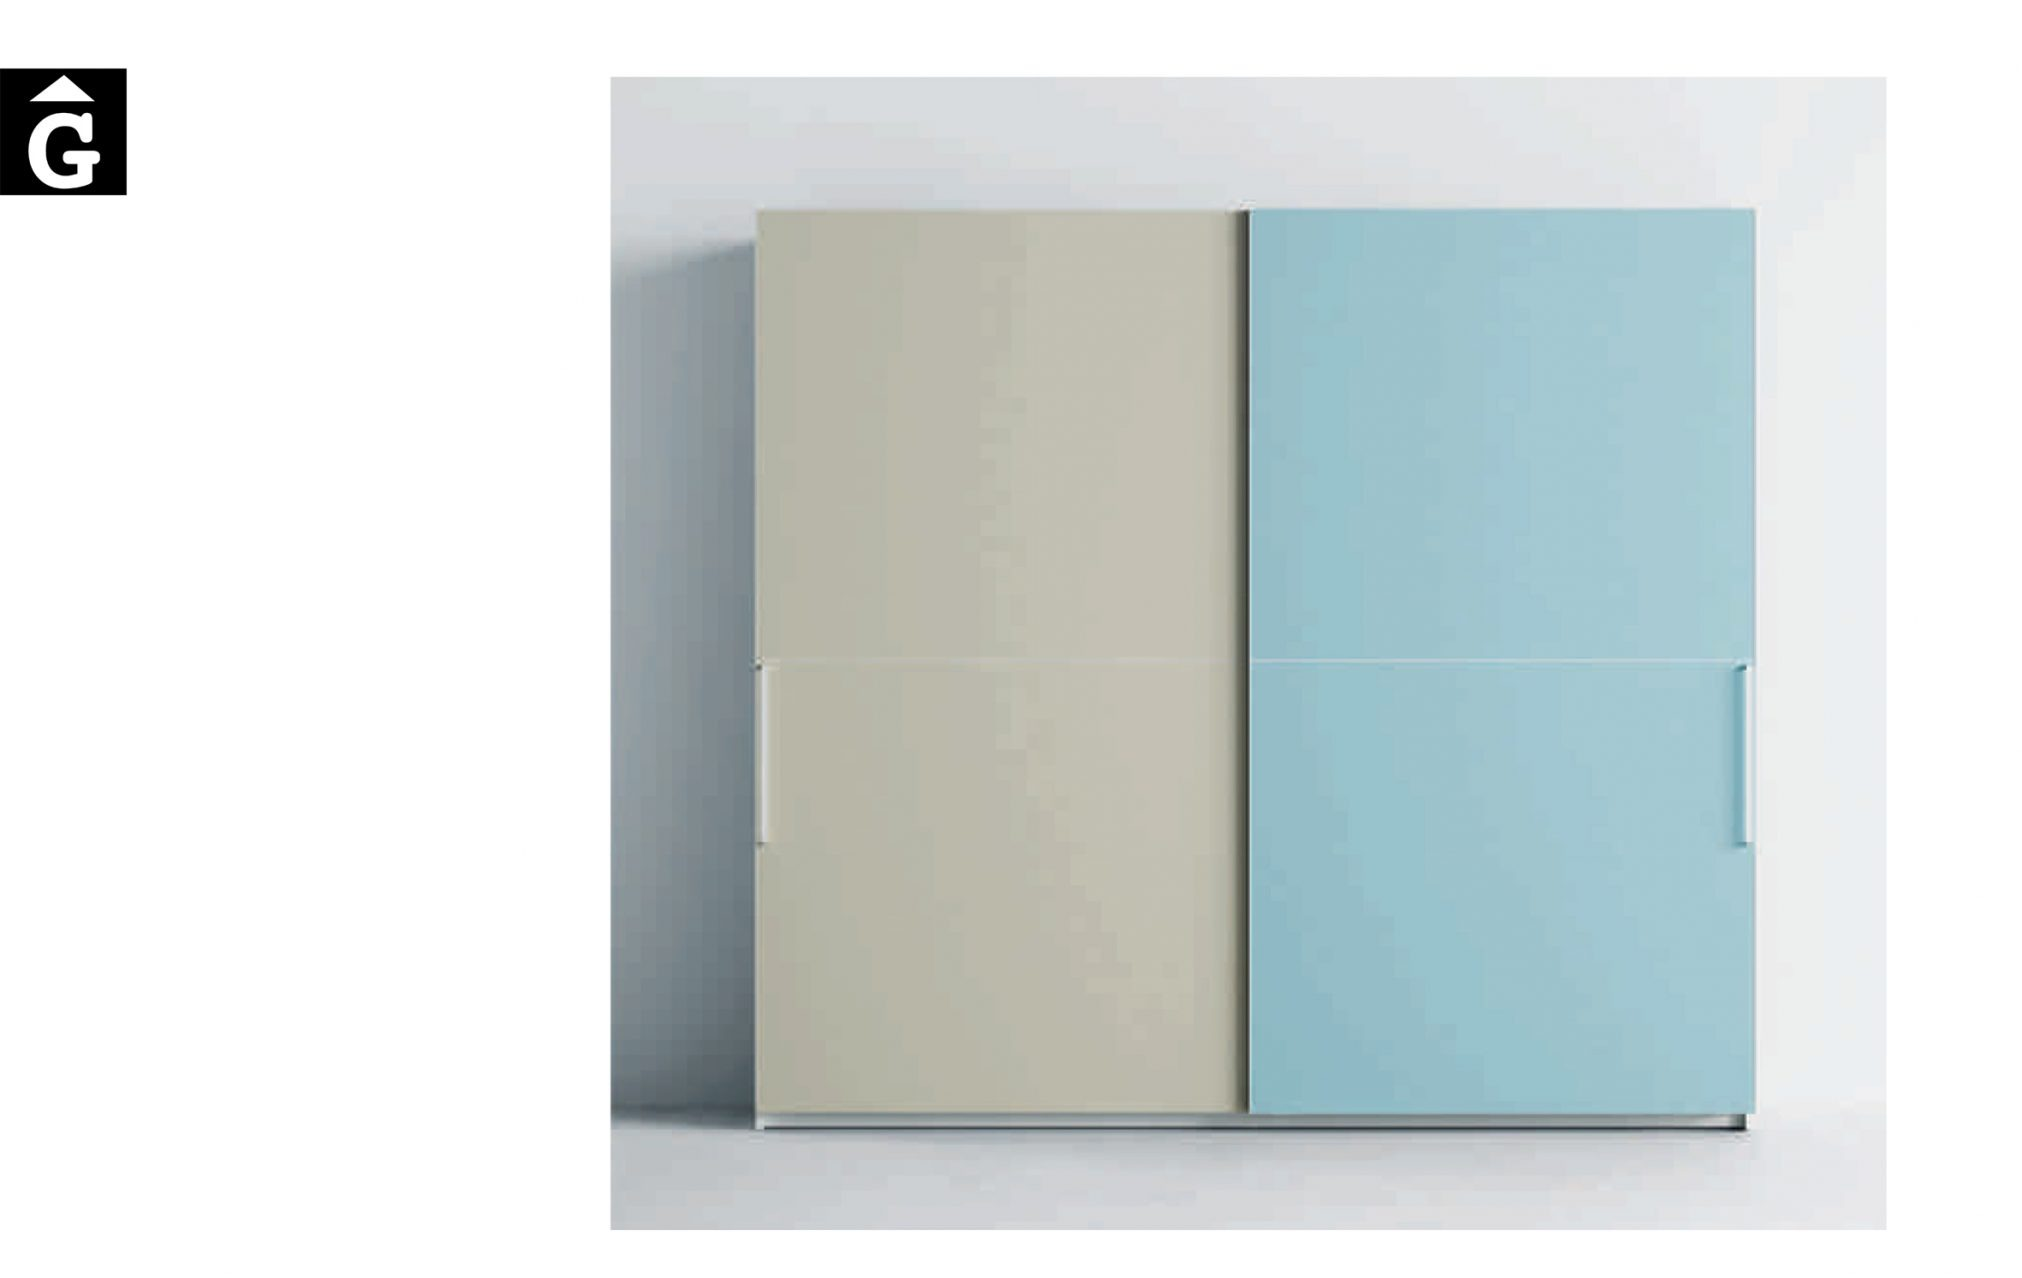 Armari Horizon Lagrama armari 2 Portes correderes Horizon by Mobles GIFREU Girona modern qualitat vanguardia minim elegant atemporal